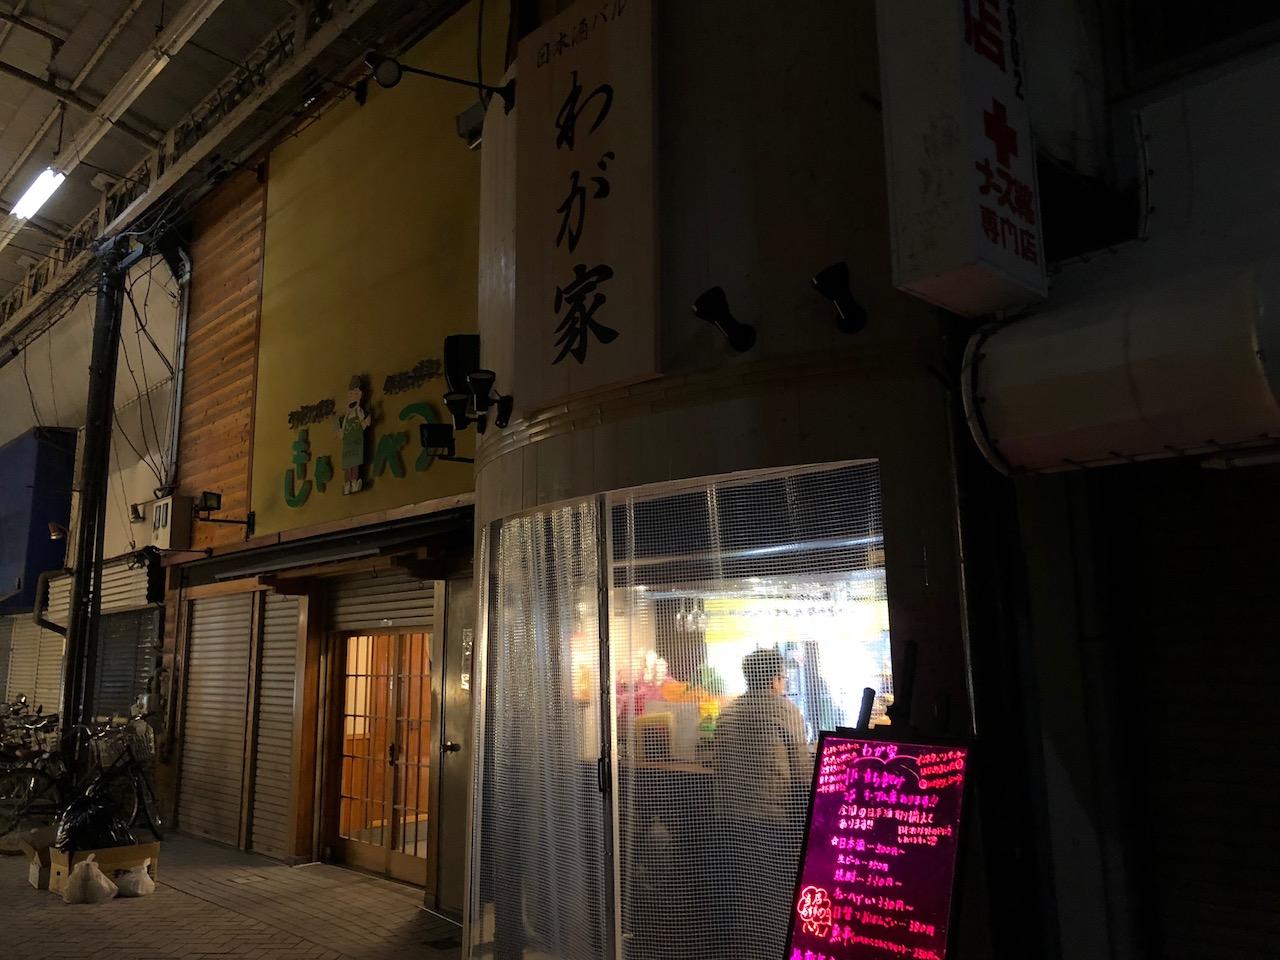 日本酒3種飲み比べ!日本酒バルわが家は寒いけど温まる